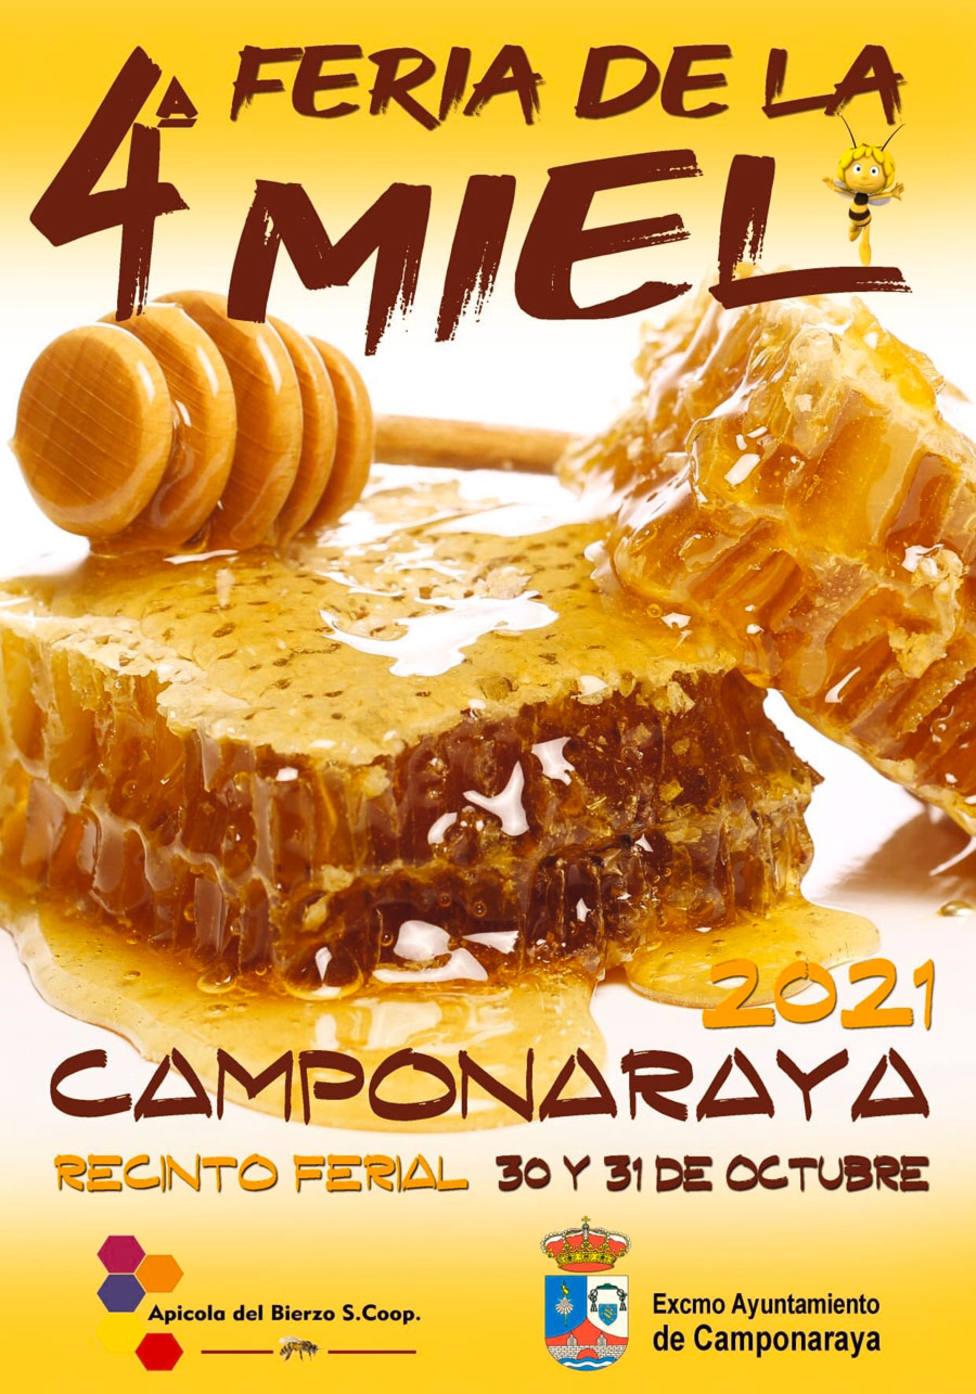 ctv-tfx-feria-miel2021-camponaraya